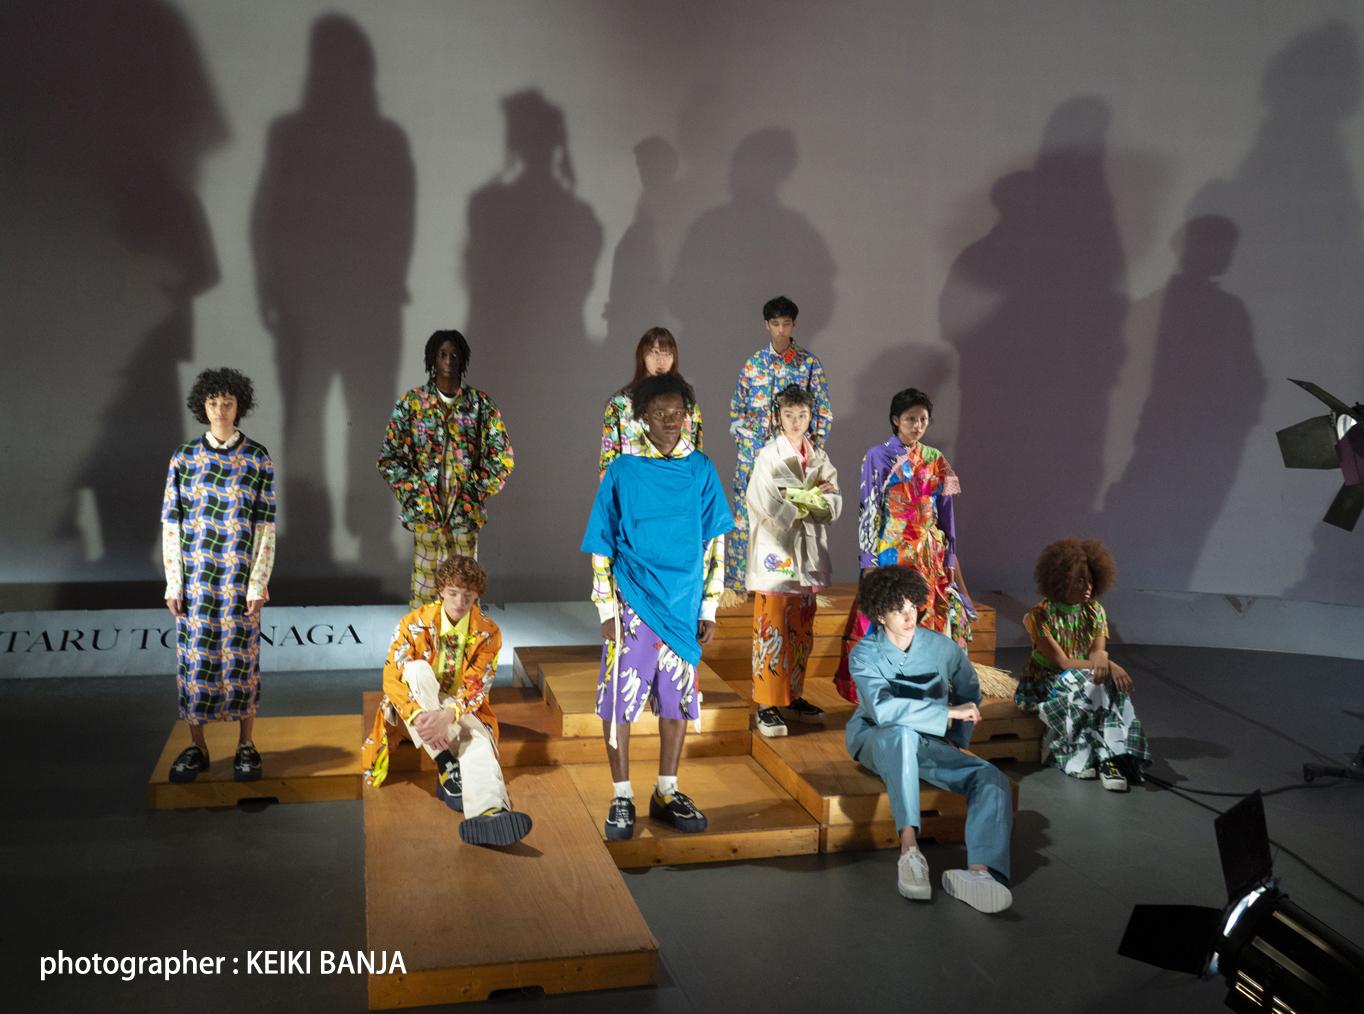 WATARU TOMINAGA EXHIBITION SPRING SUMMER 2020